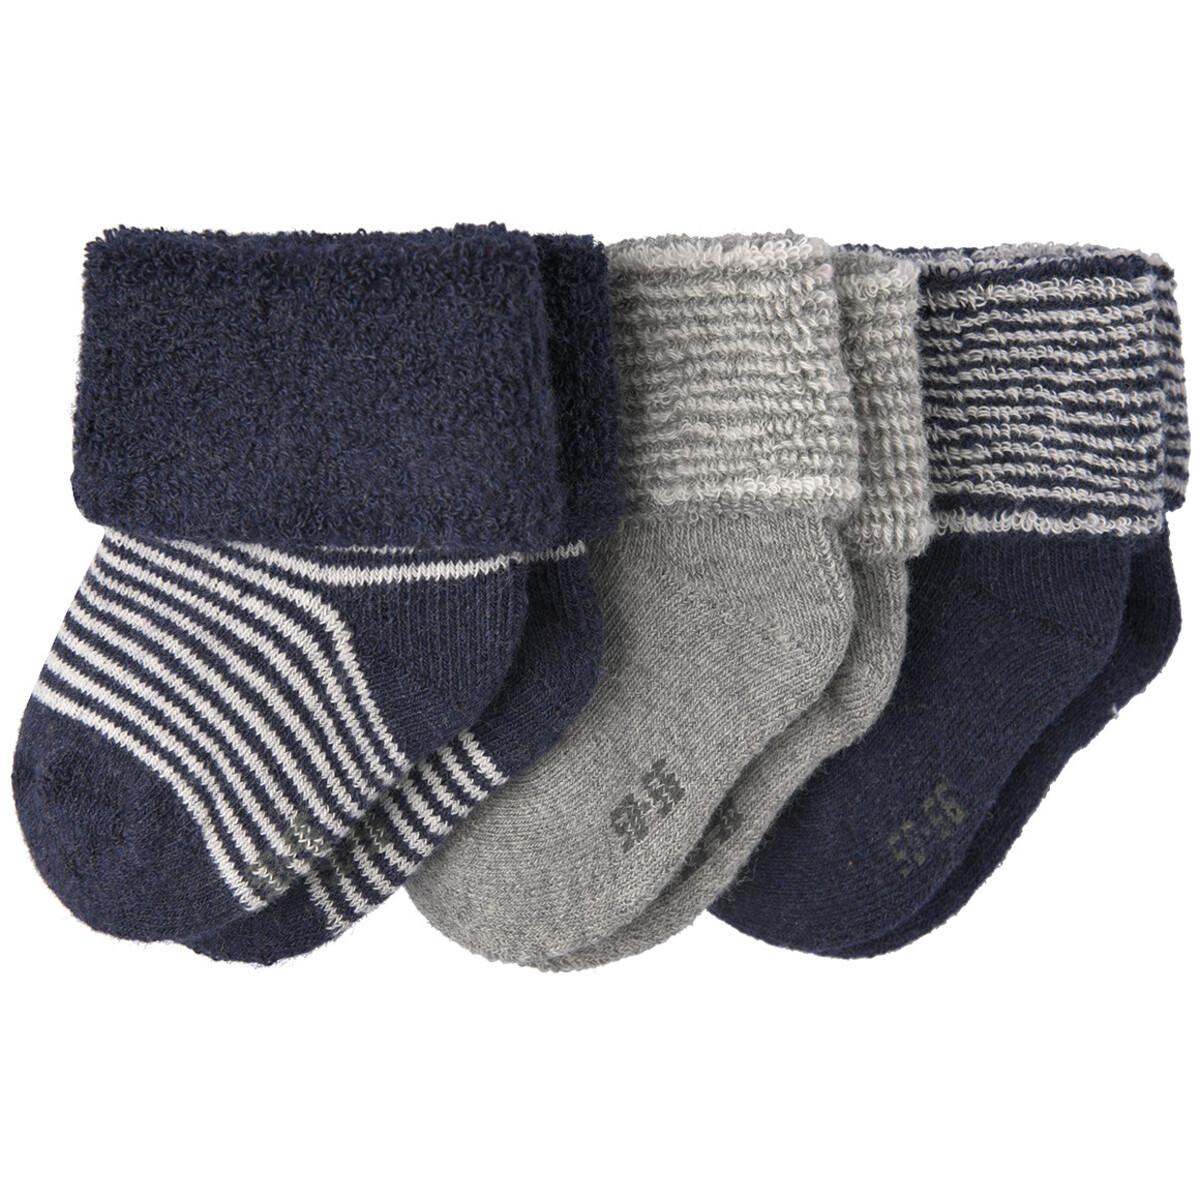 Bild 1 von 3 Paar Baby Socken